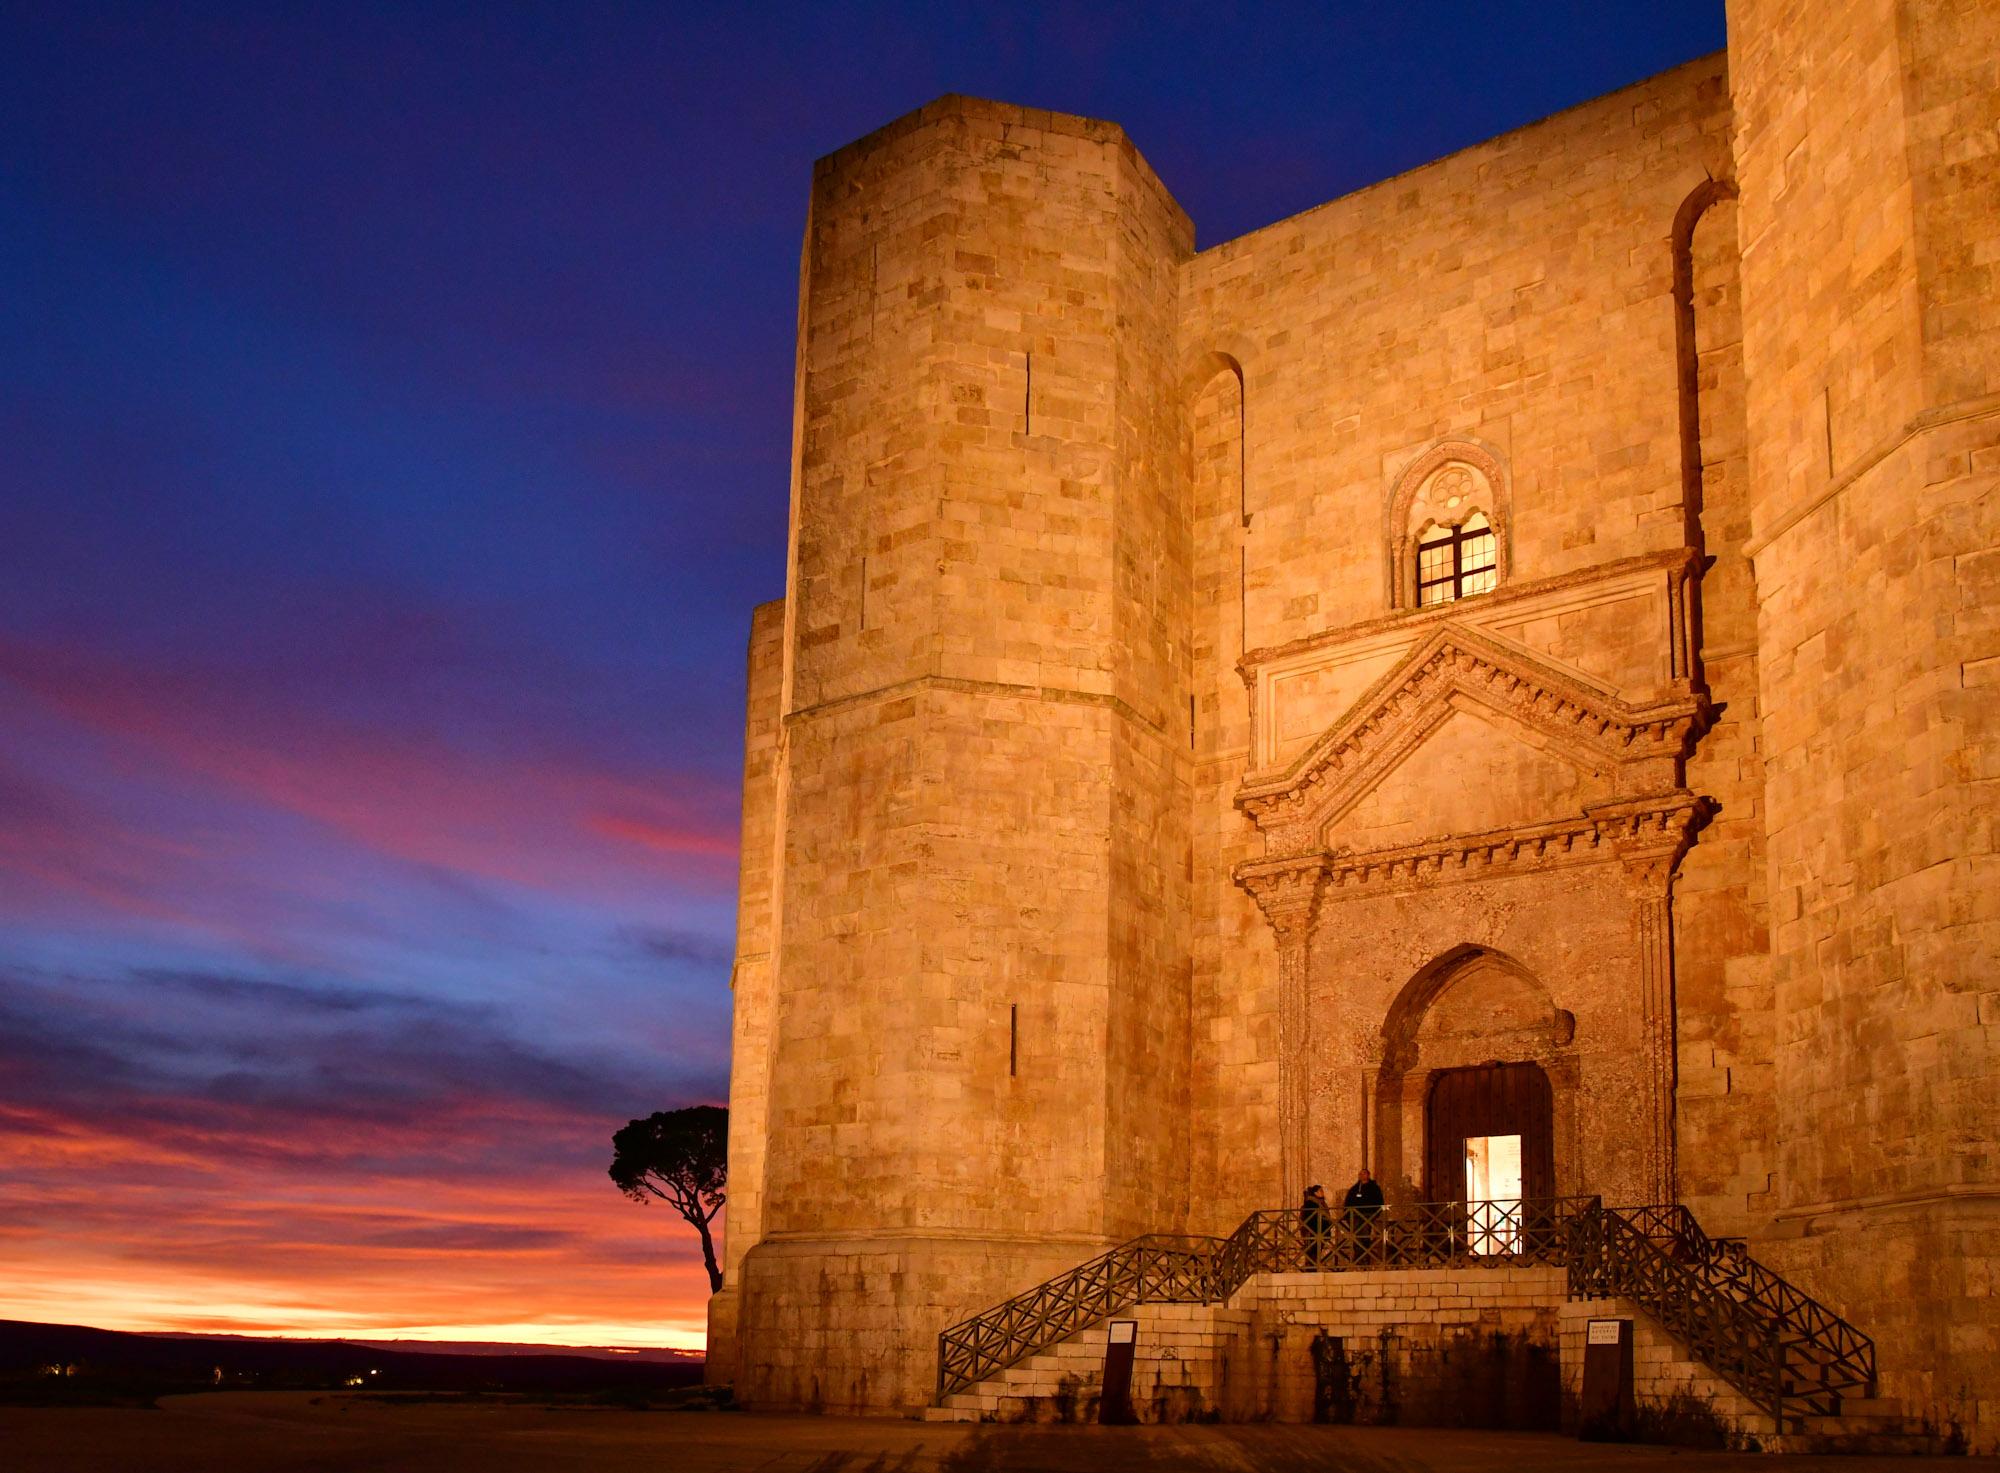 Weihnachten am Castel del Monte in Apulien